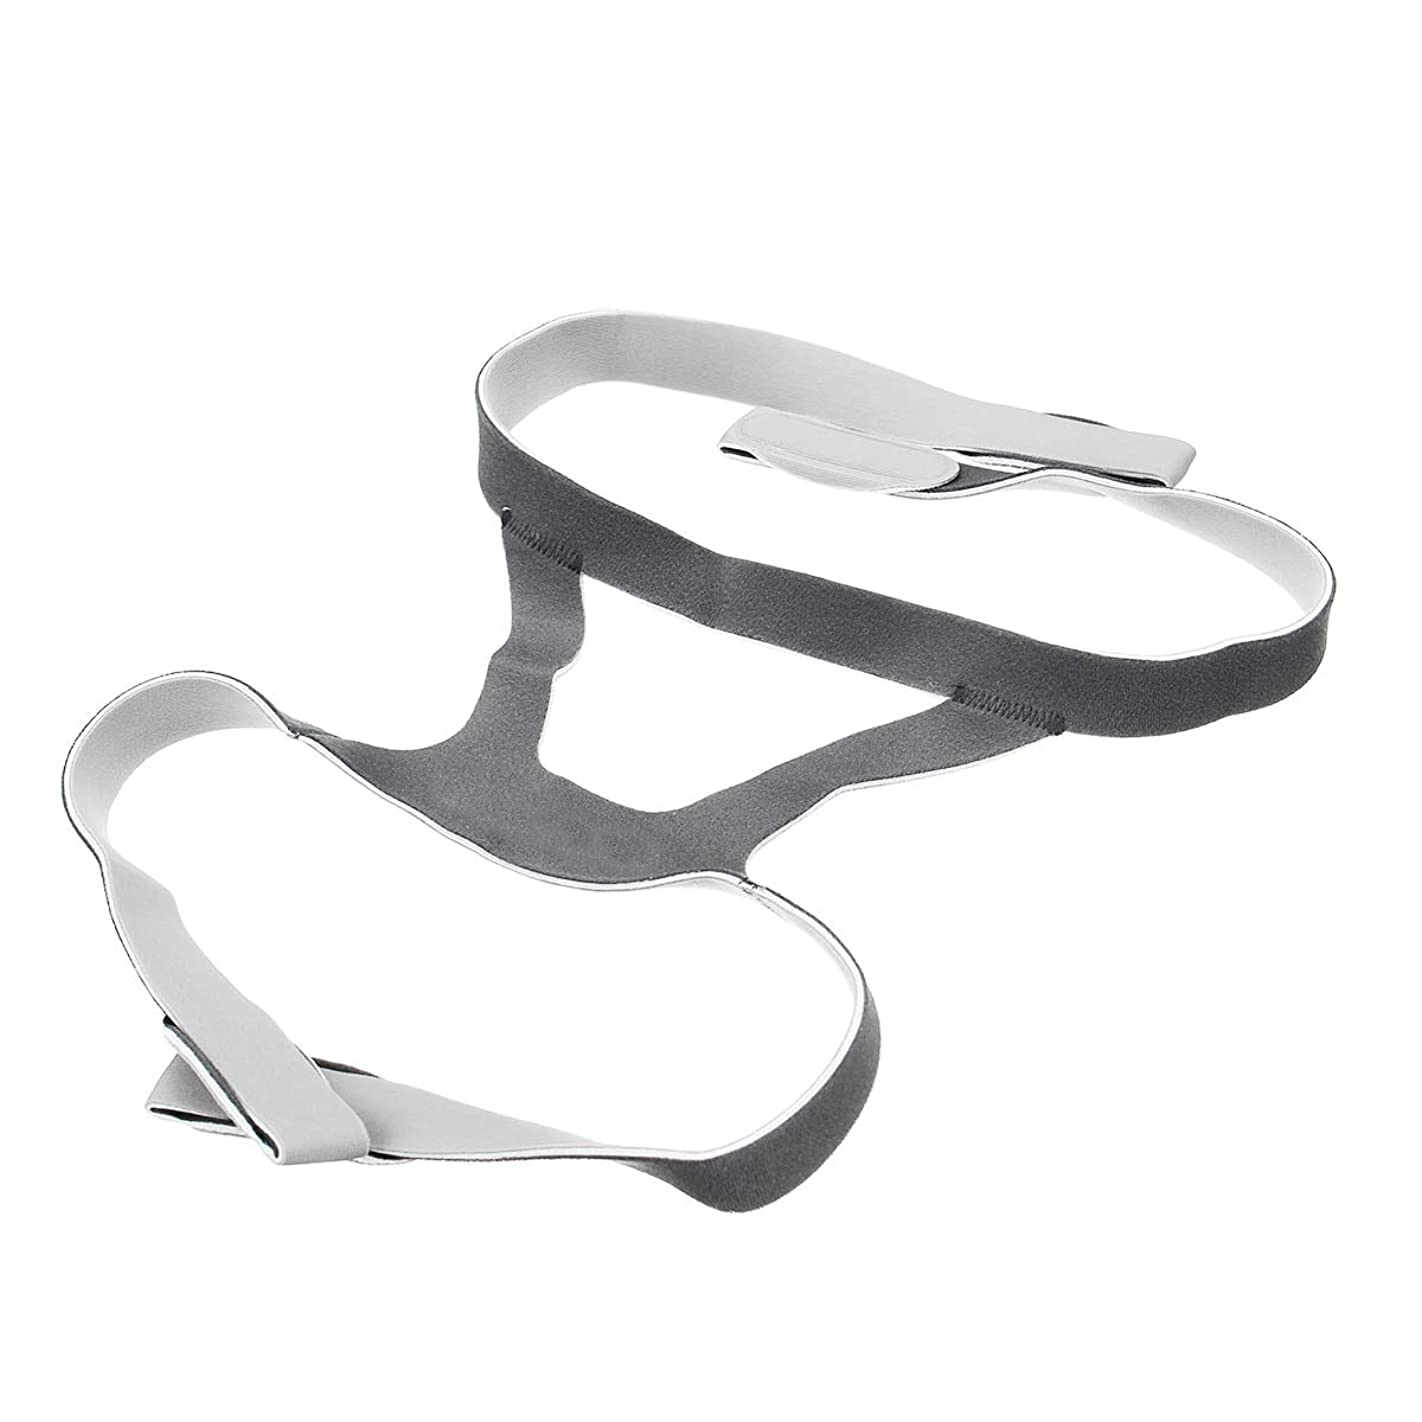 もっと火山無臭NOTE ユニバーサルヘッドギアCPAPマスク弾性繊維いびき防止ヘッドバンド鼻マスクヘッドベルトフェイスマスクストラップ用援助睡眠